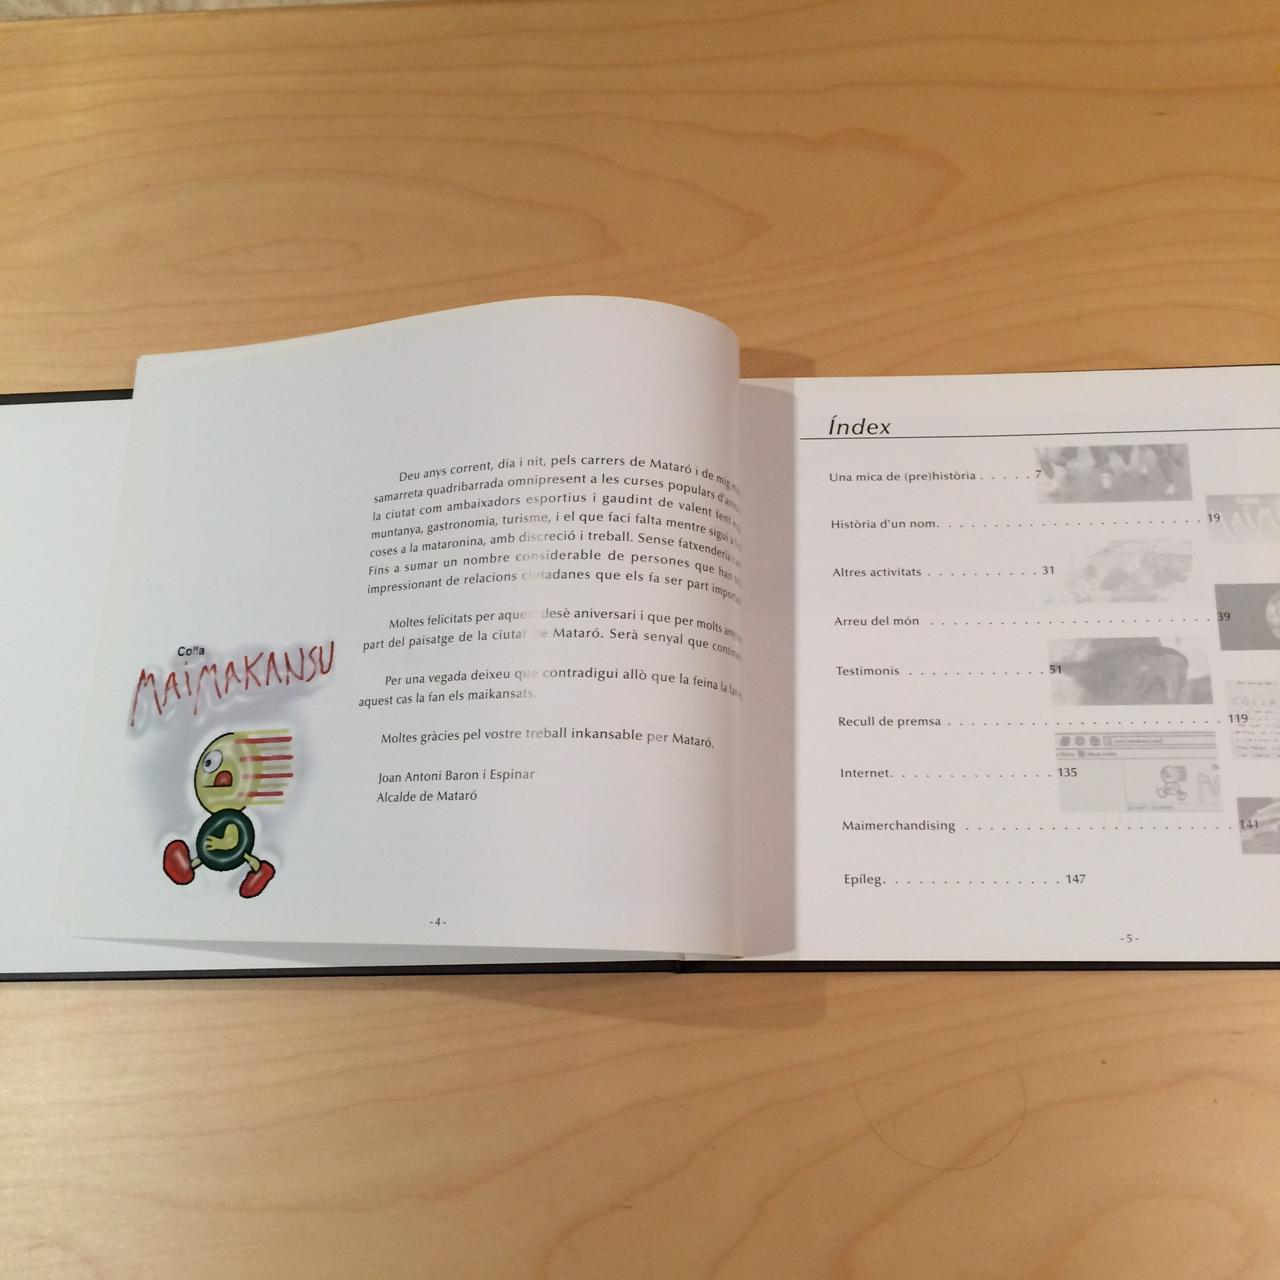 el llibre maimakansu 2